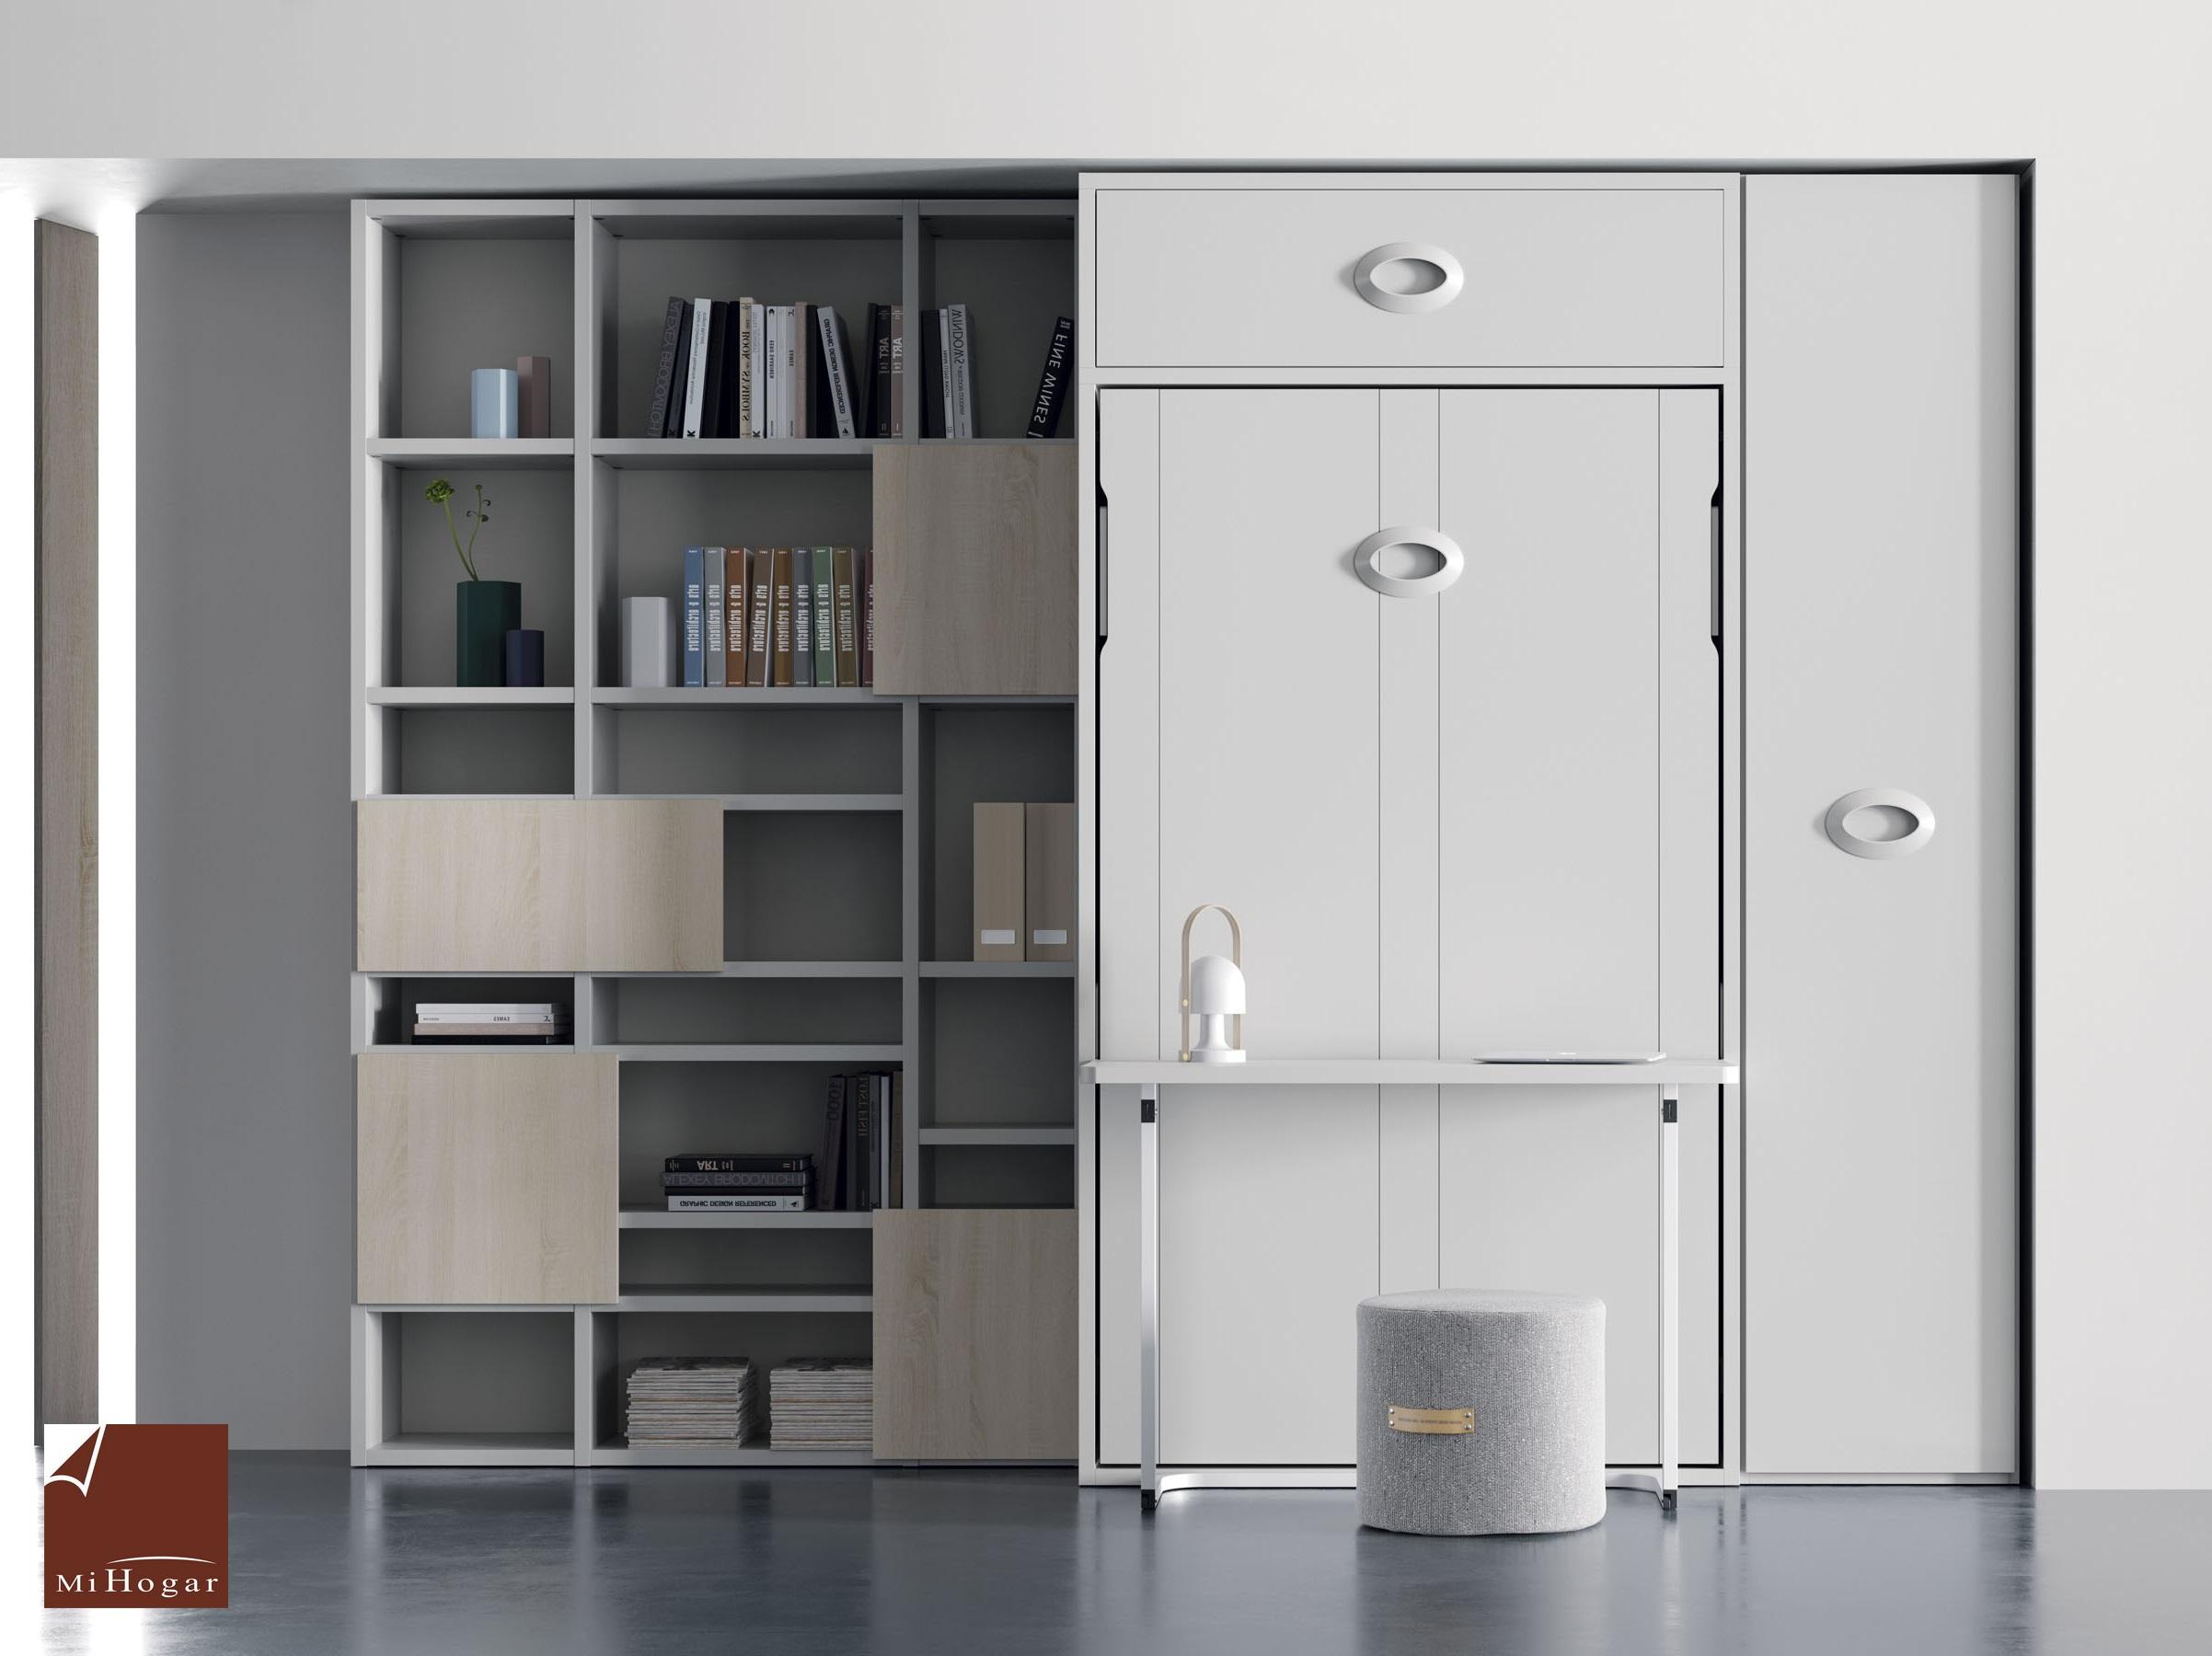 Cama abatible vertical con o sin mesa de estudio muebles for Mueble juvenil cama abatible